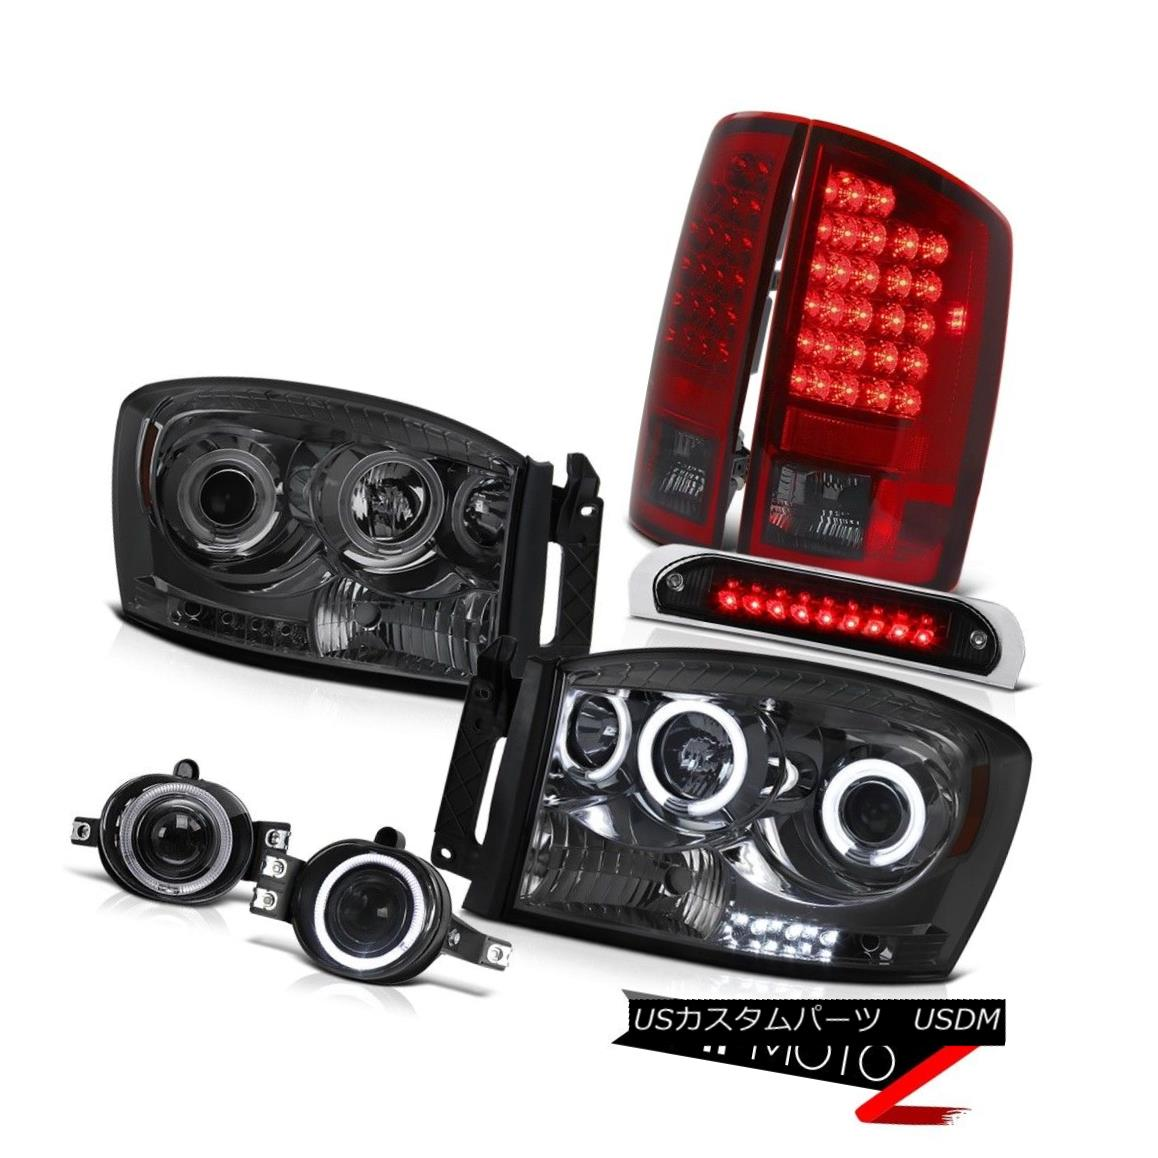 ヘッドライト Smoke CCFL Halo Headlights LED Bulbs Tail Lamps Fog Black 3rd 2006 Ram Magnum V8 煙CCFLハローヘッドライトLED電球テールランプ霧黒2006年3月ラムマグナムV8